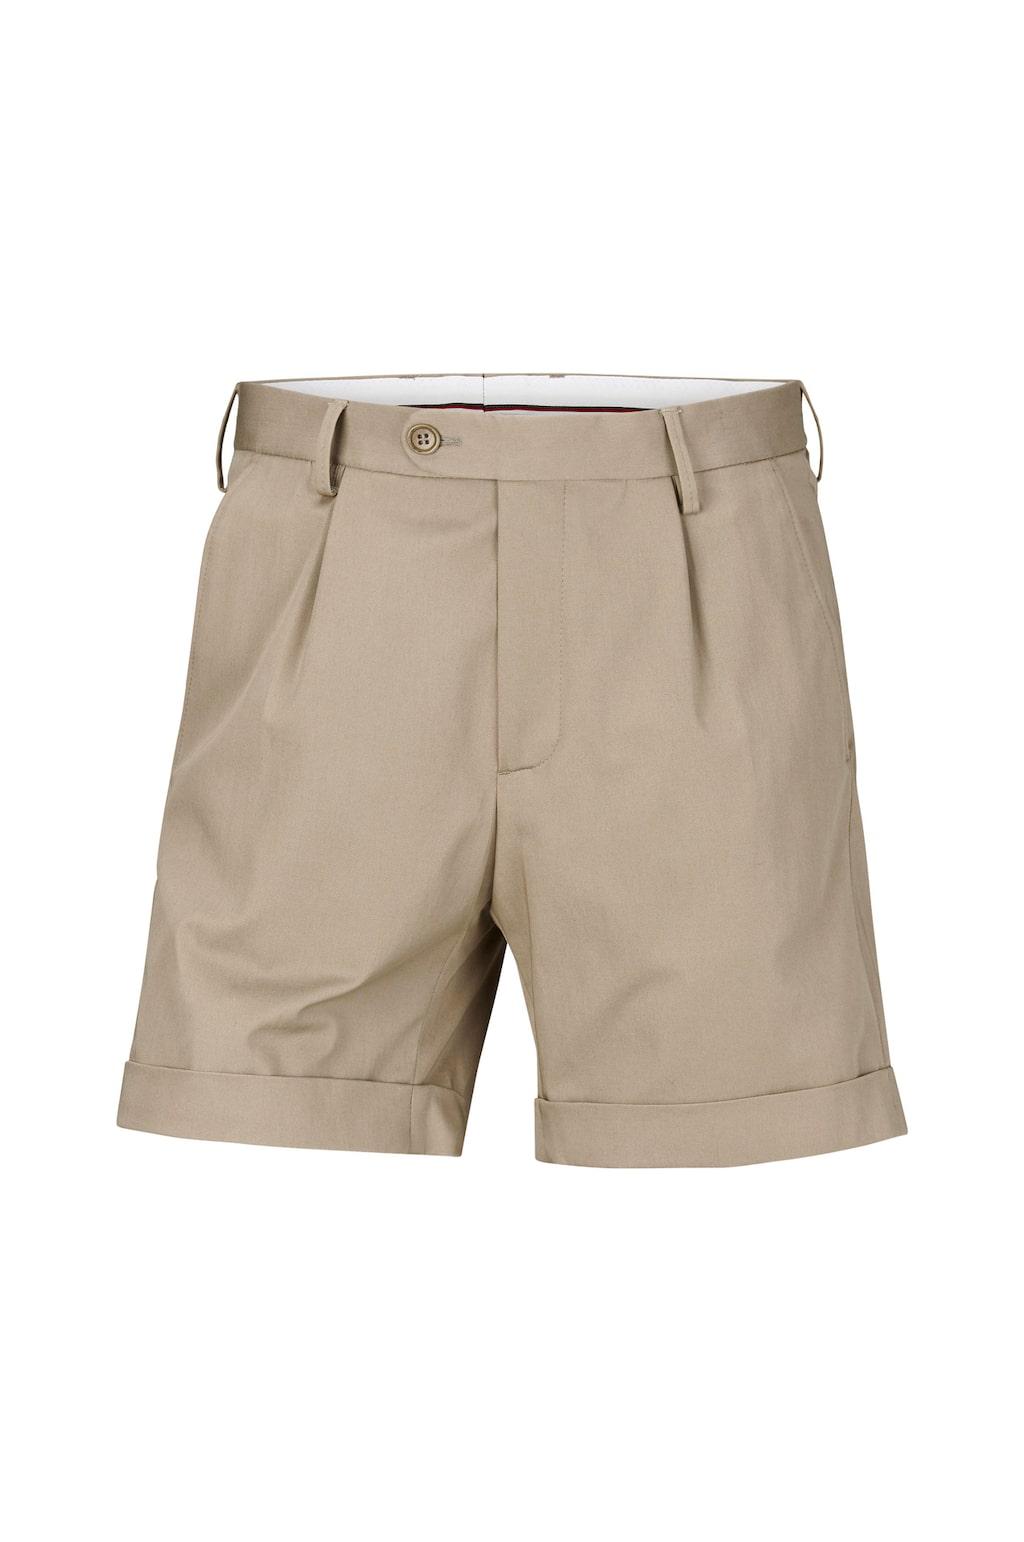 Shorts från Chevaleresk i stilig modell med halvlånga ben som har fäst uppvik i benslut. Finns även i svart. Pris: 599 kronor.